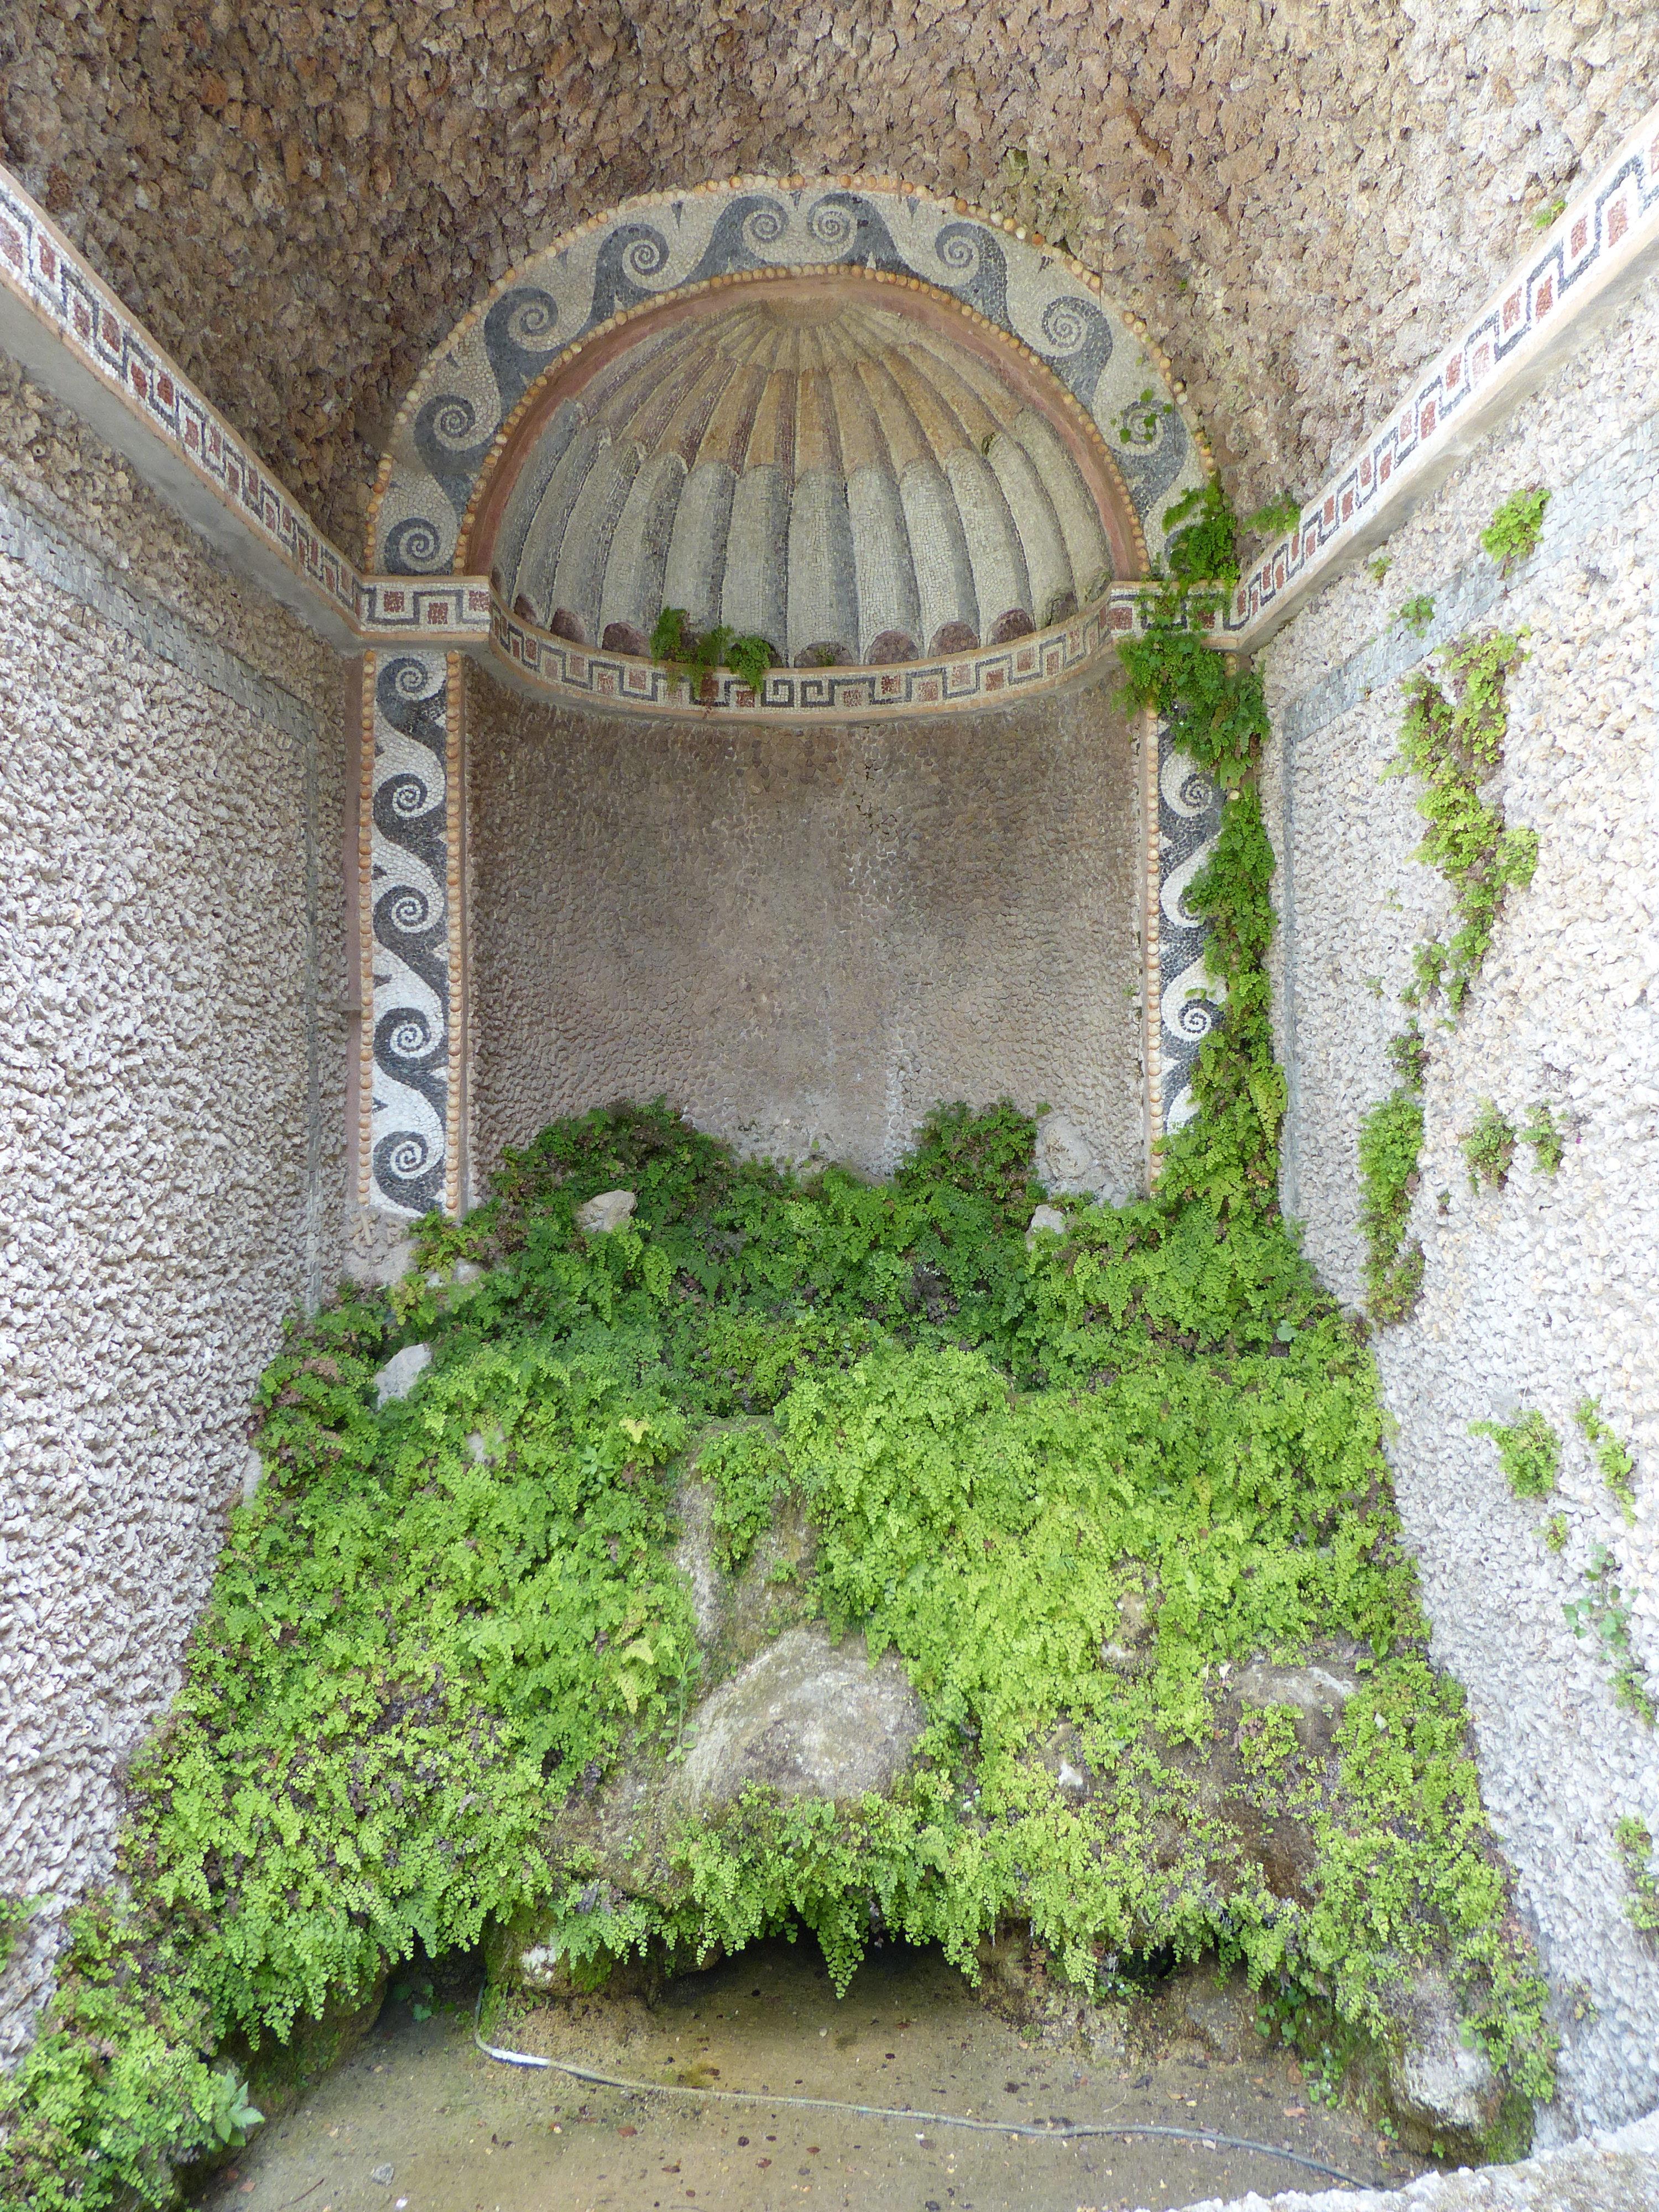 © Dipartimento di Scienze della Vita, Università di Trieste<br>by Andrea Moro<br>Comune di Tivoli, Giardini di Villa d'Este, Roma, Lazio, Italia, 06/06/2017<br>Distributed under CC-BY-SA 4.0 license.